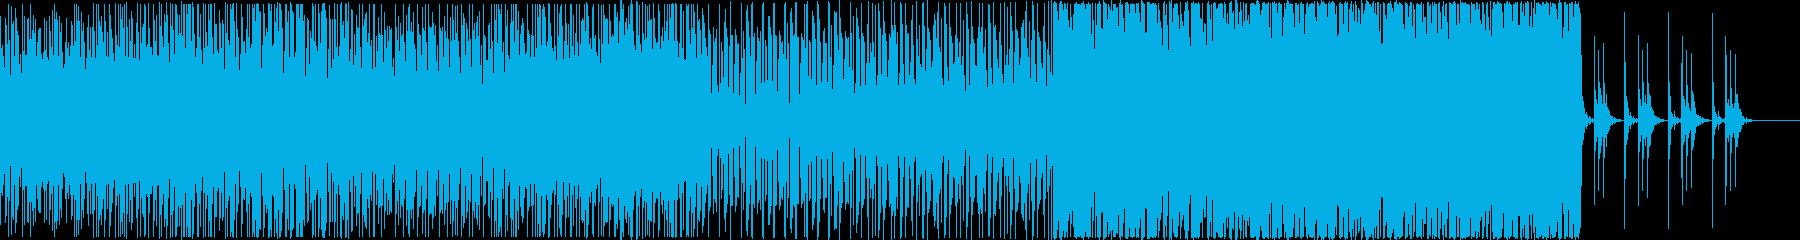 ダンサブルなビートとシンセサウンドの再生済みの波形